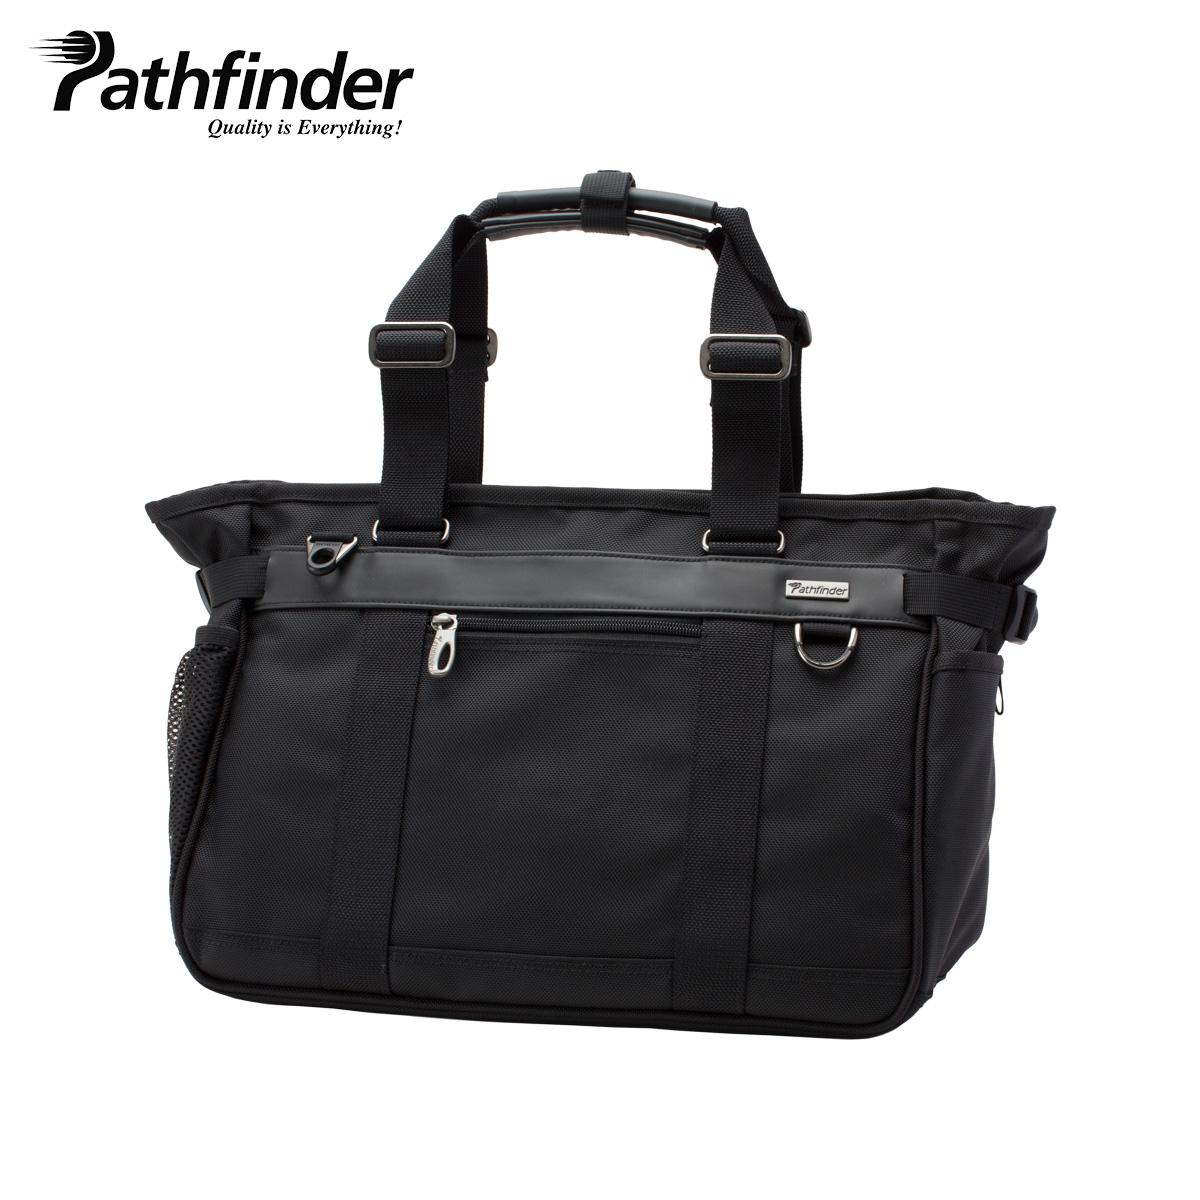 Pathfinder AVENGER パスファインダー トート バッグ ビジネスバッグ ショルダー メンズ ブラック 黒 PF1804B